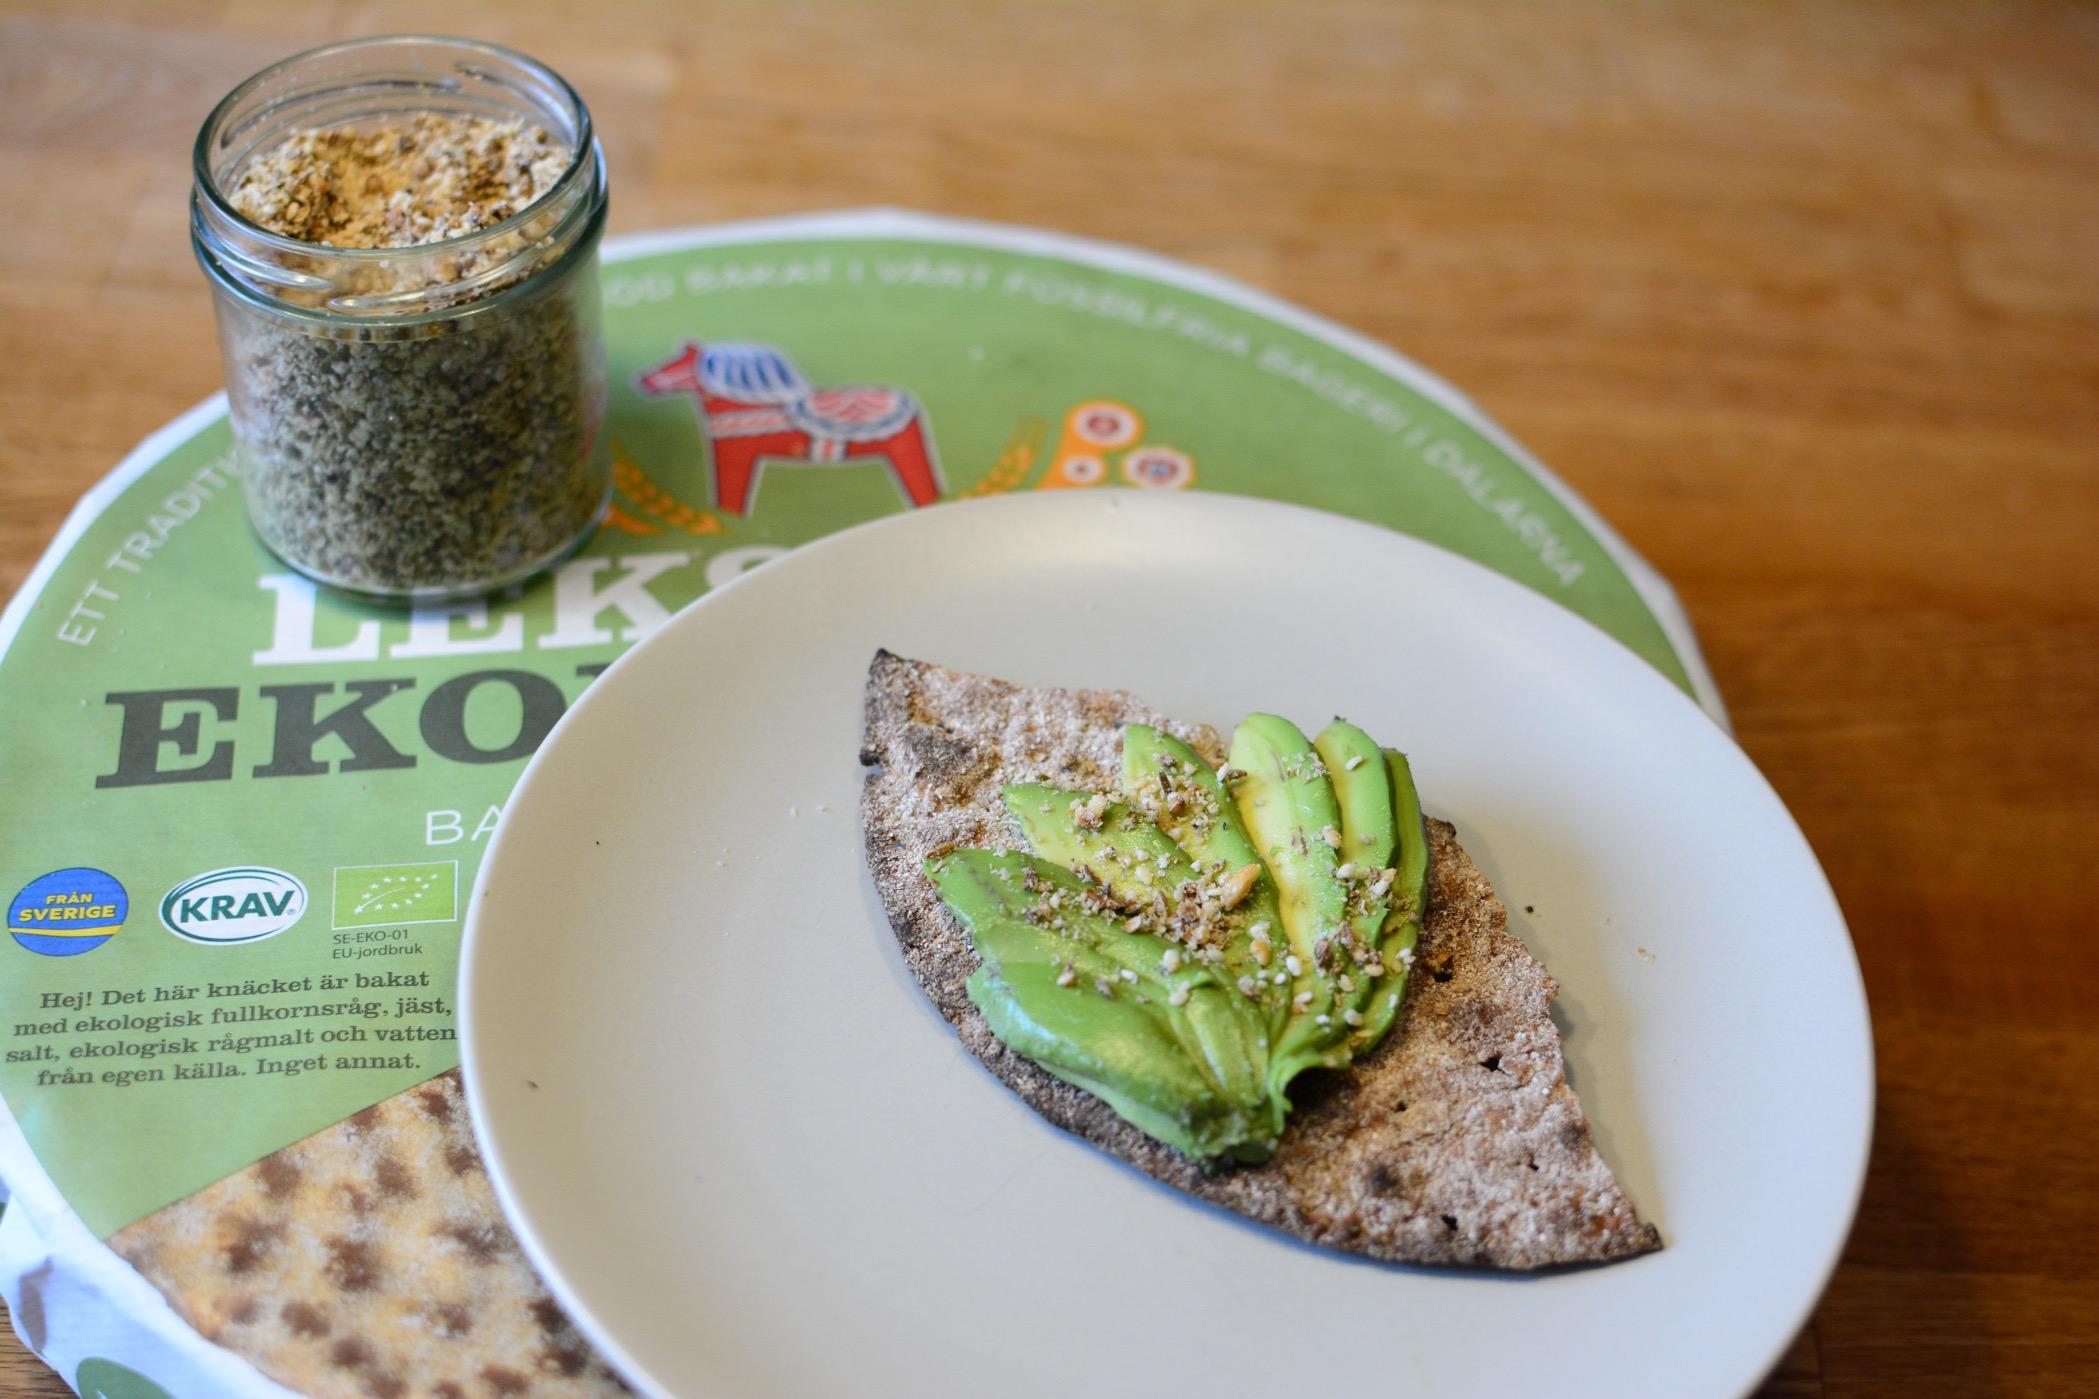 avokado på knäckebröd